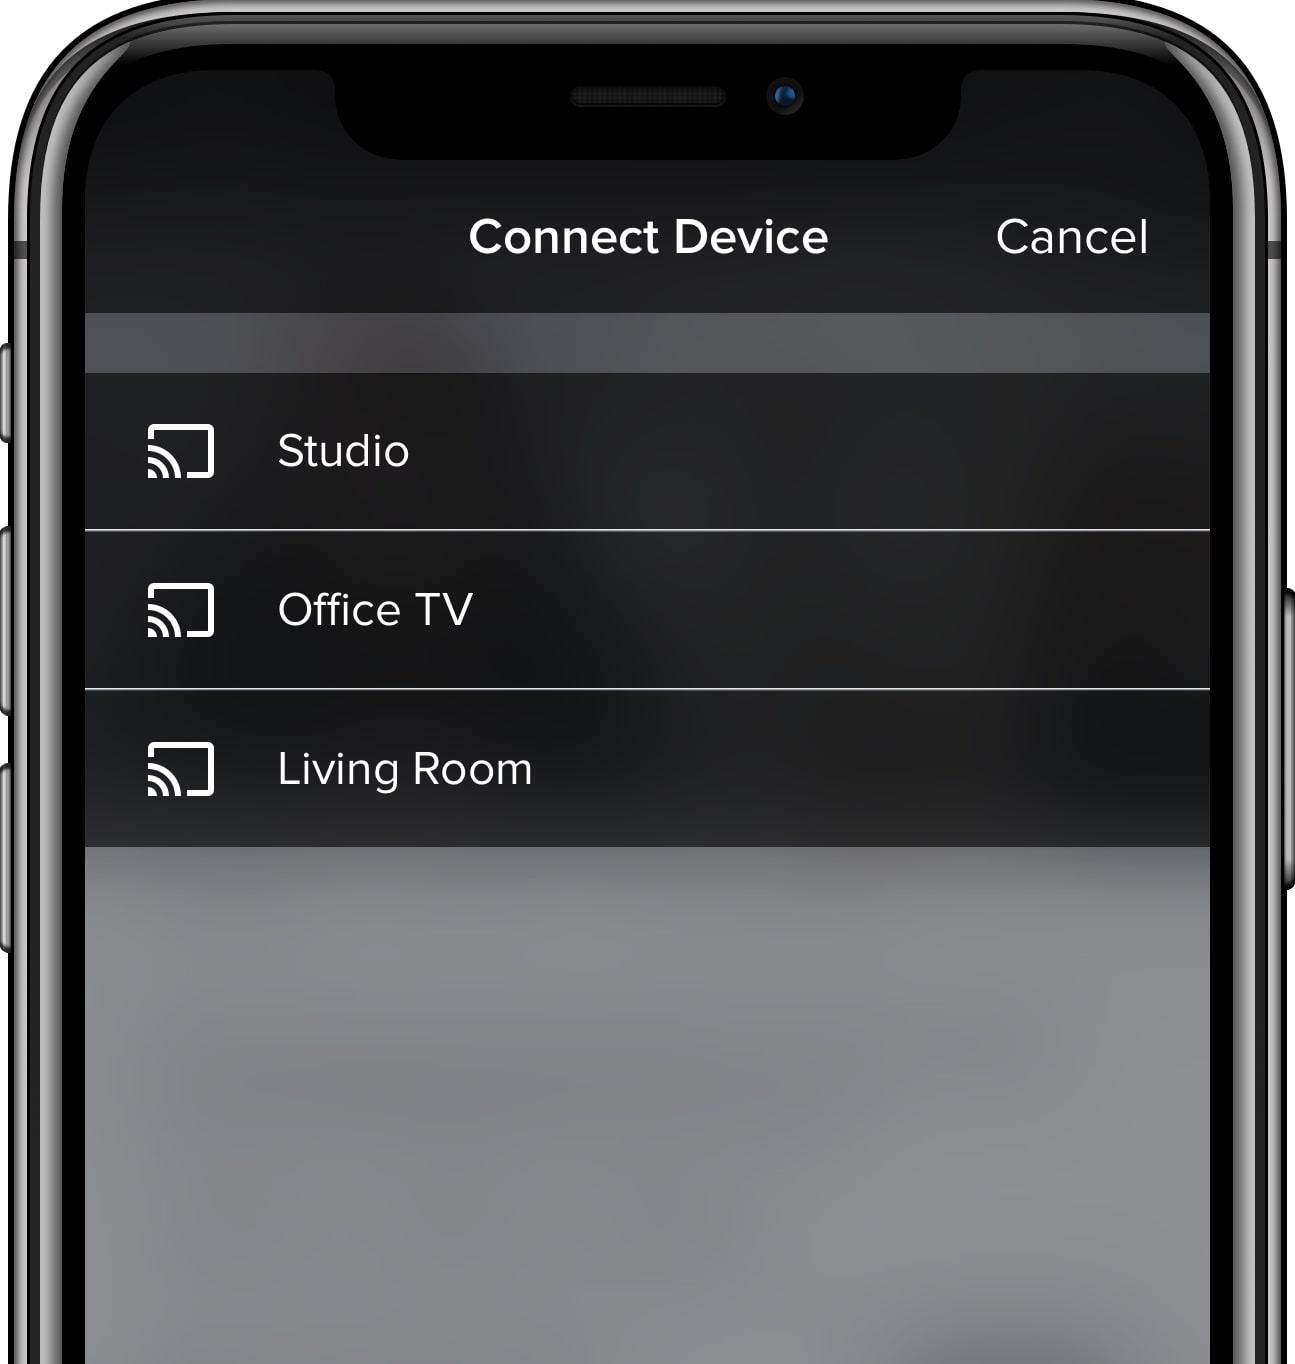 Introducing: Chromecast for Skillshare Mobile Apps